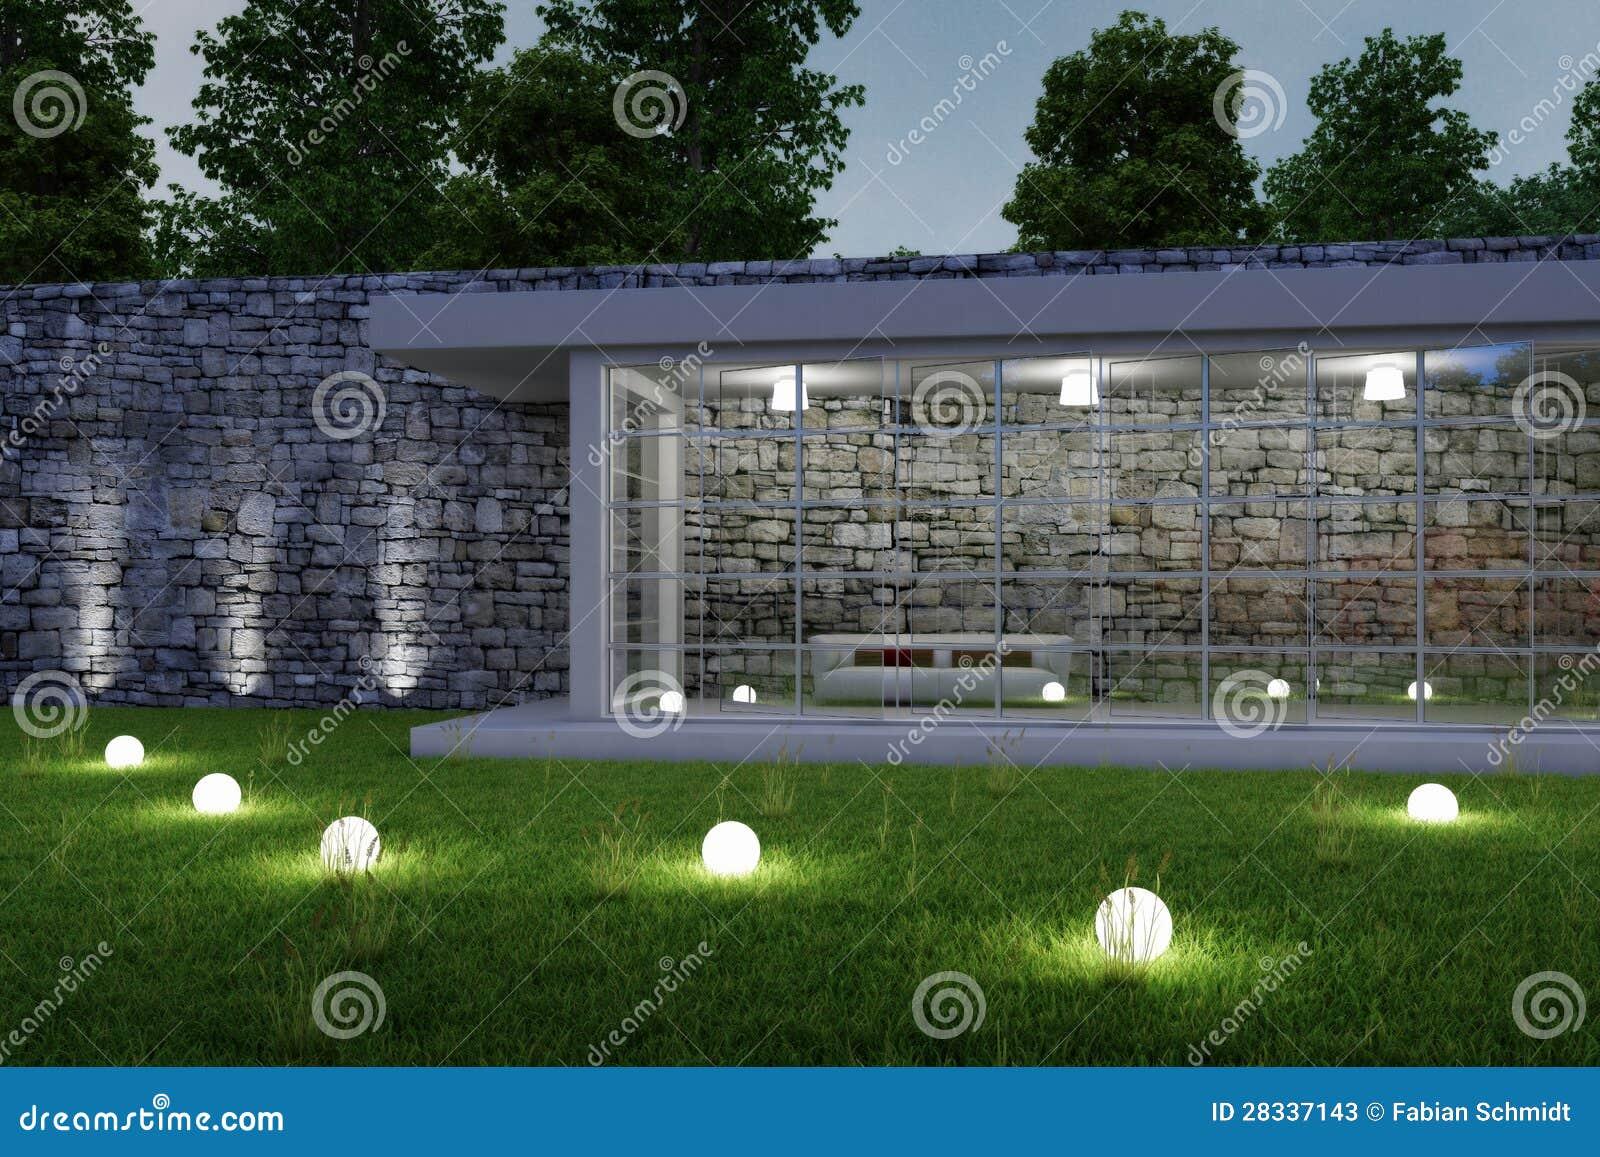 gartenarchitektur bis zum nacht stockfotos bild 28337143